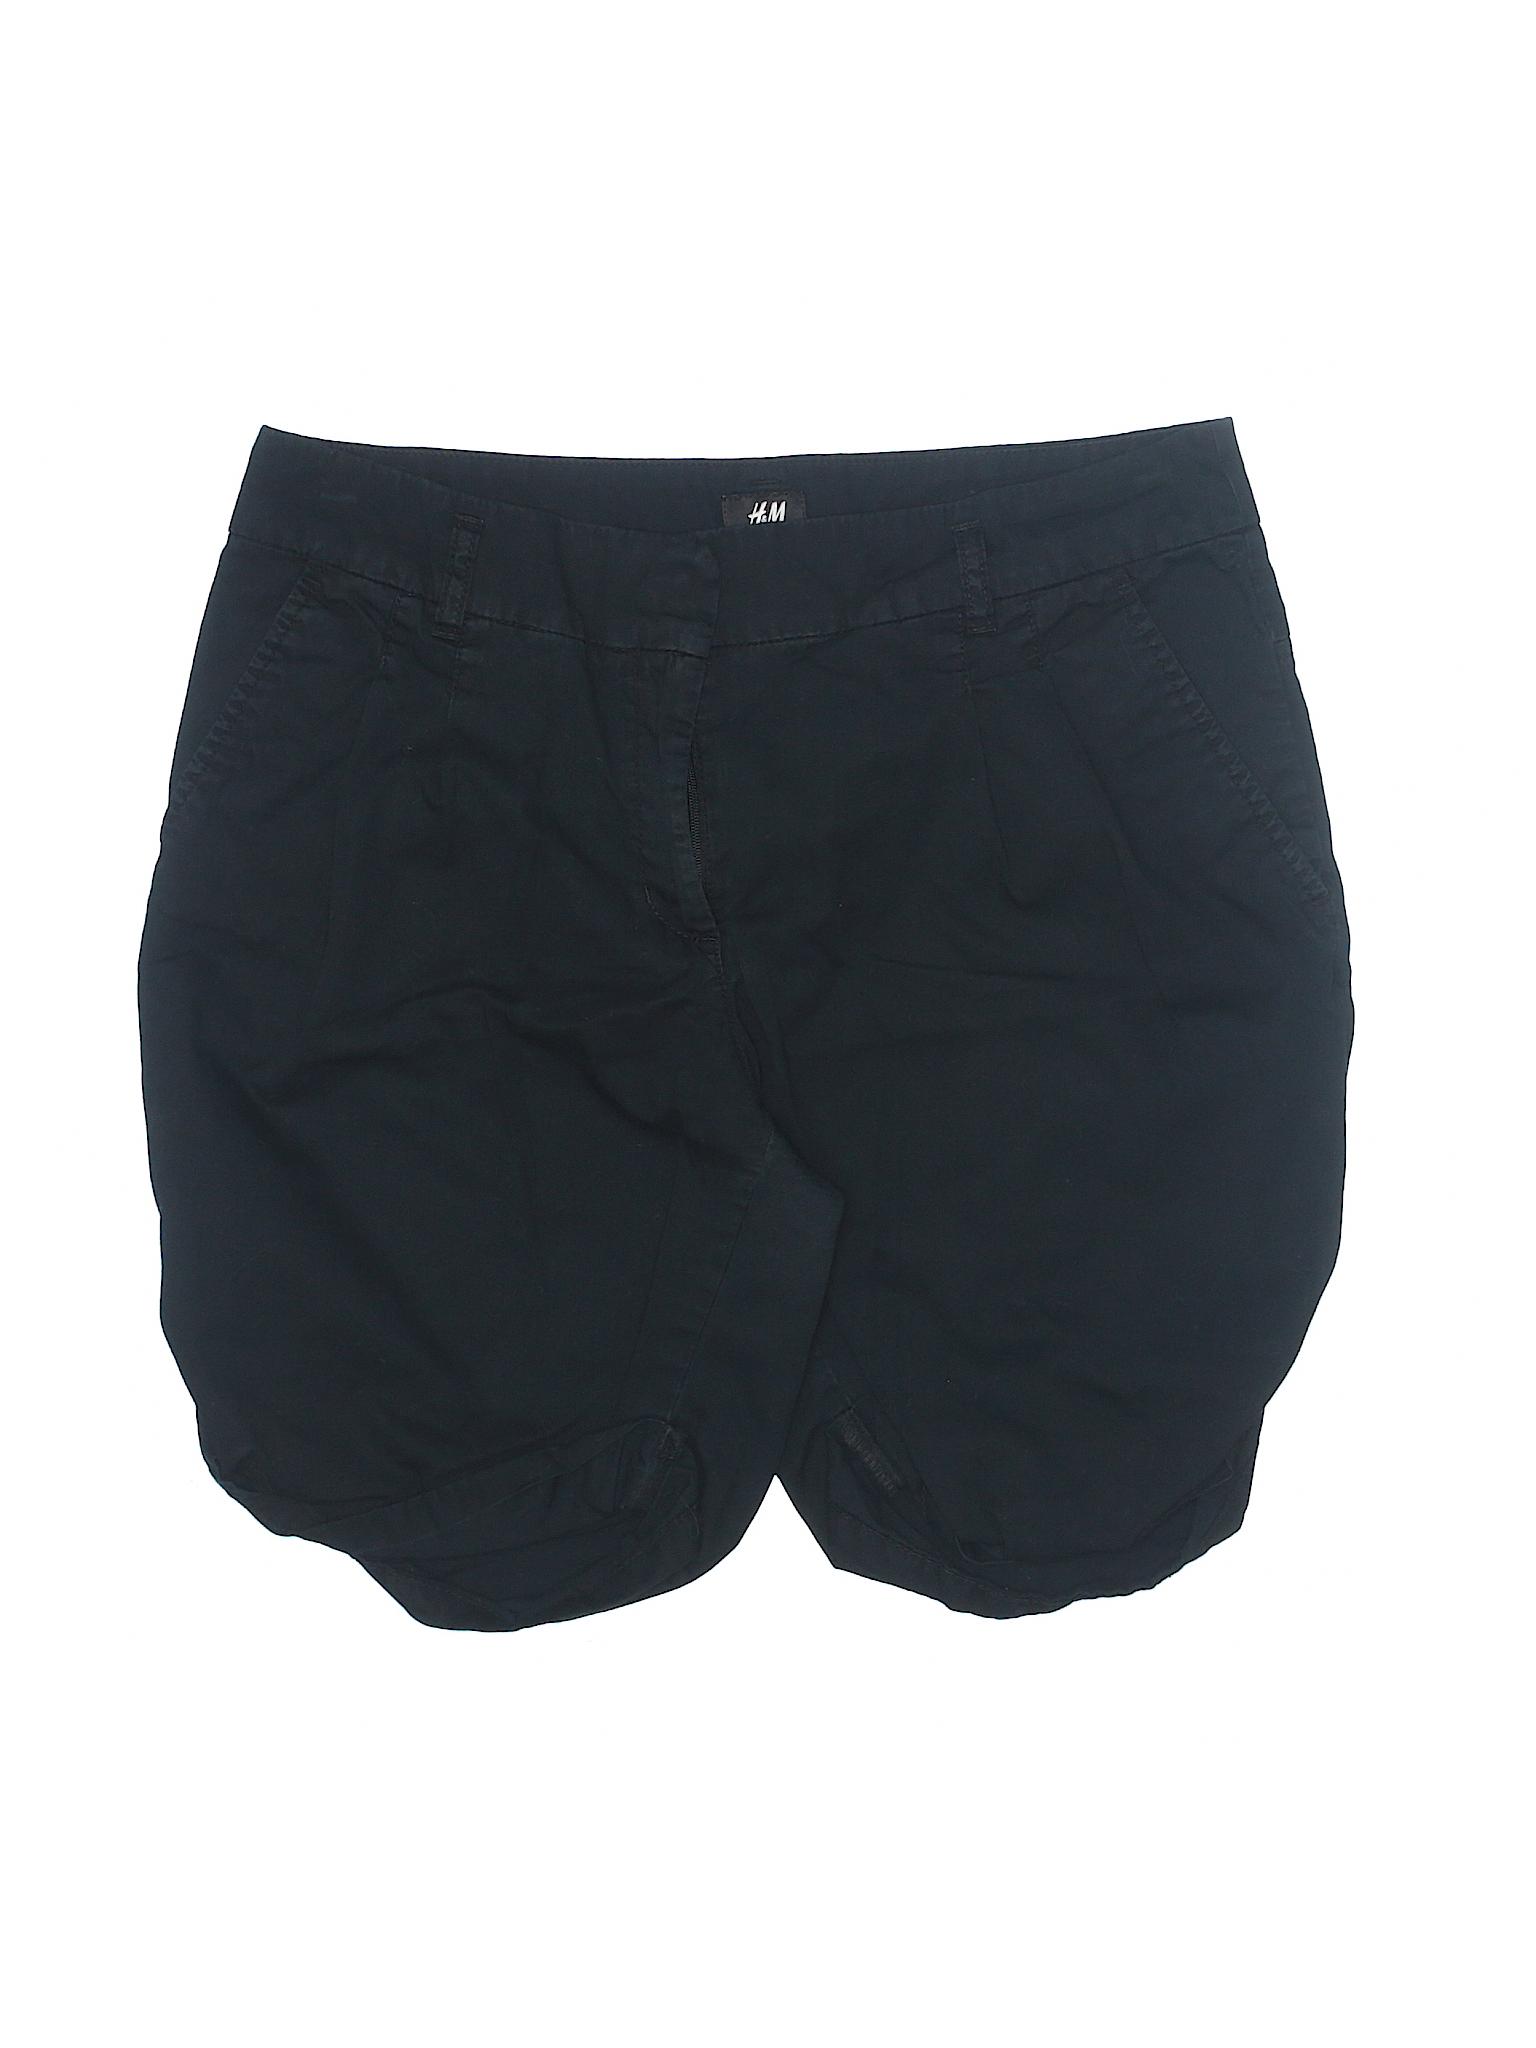 Boutique H Boutique Boutique H amp;M Khaki H amp;M amp;M Khaki Shorts Shorts SqHfwS6r